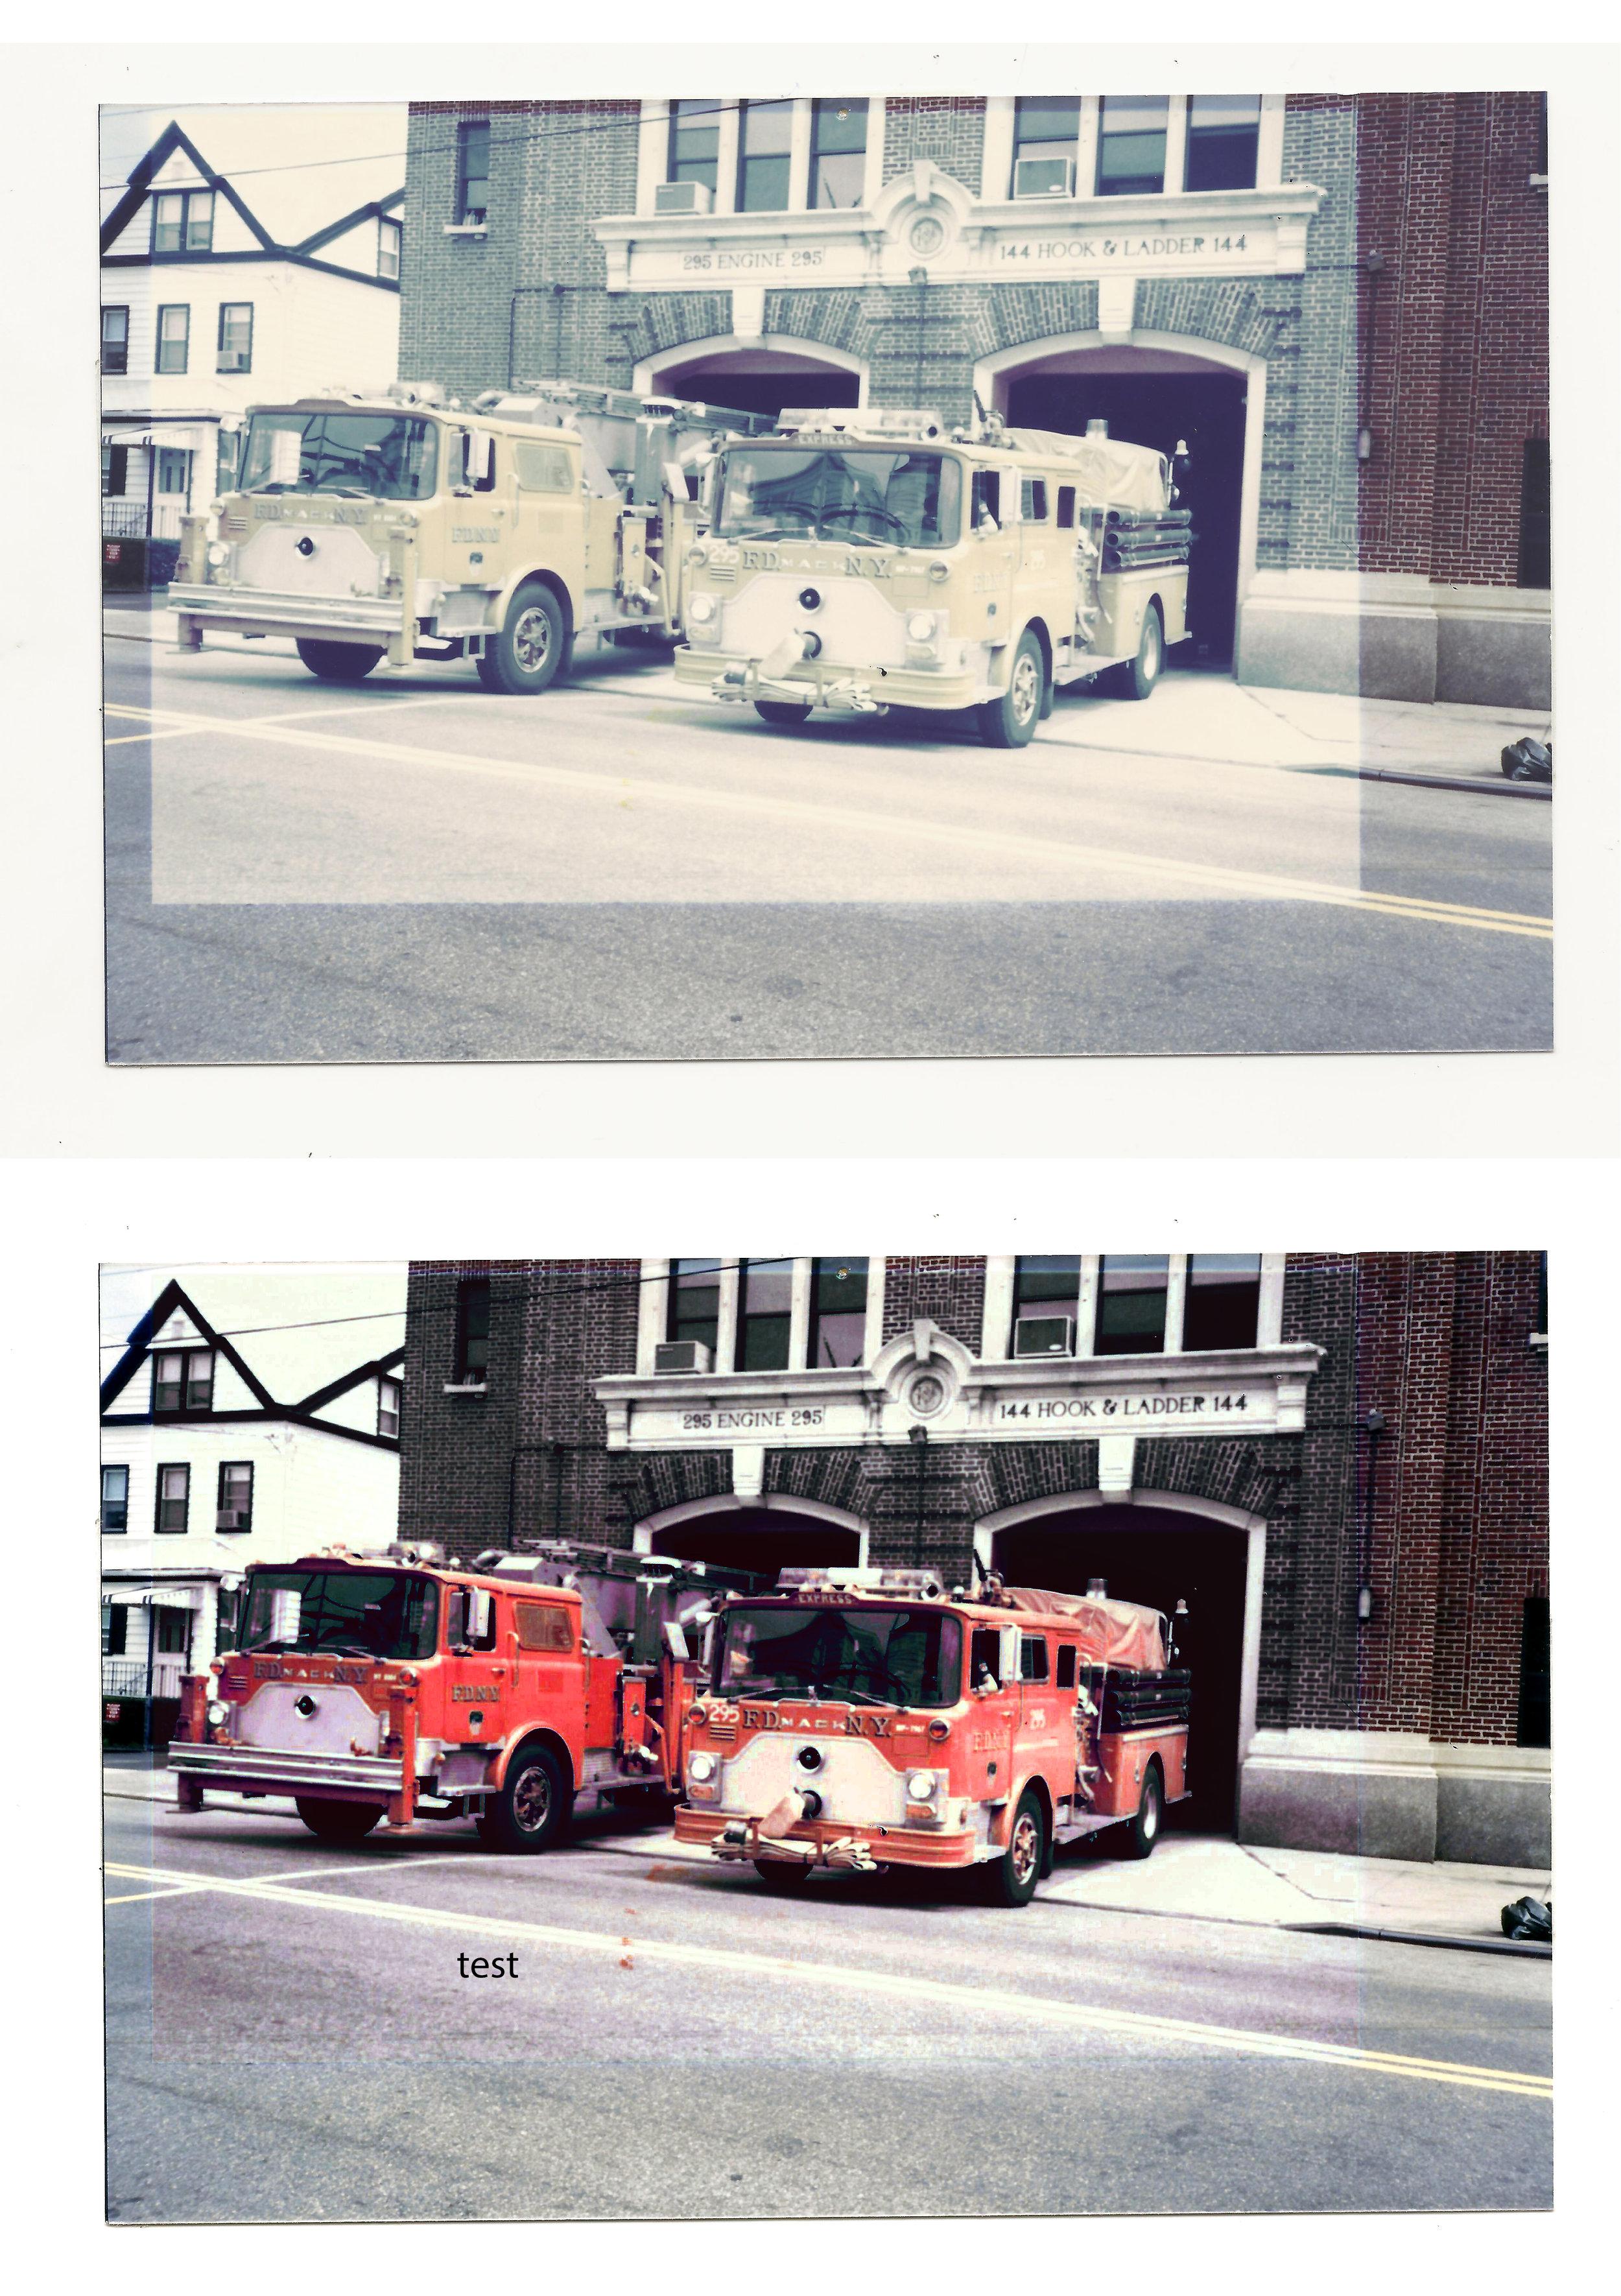 firetruck test.jpg